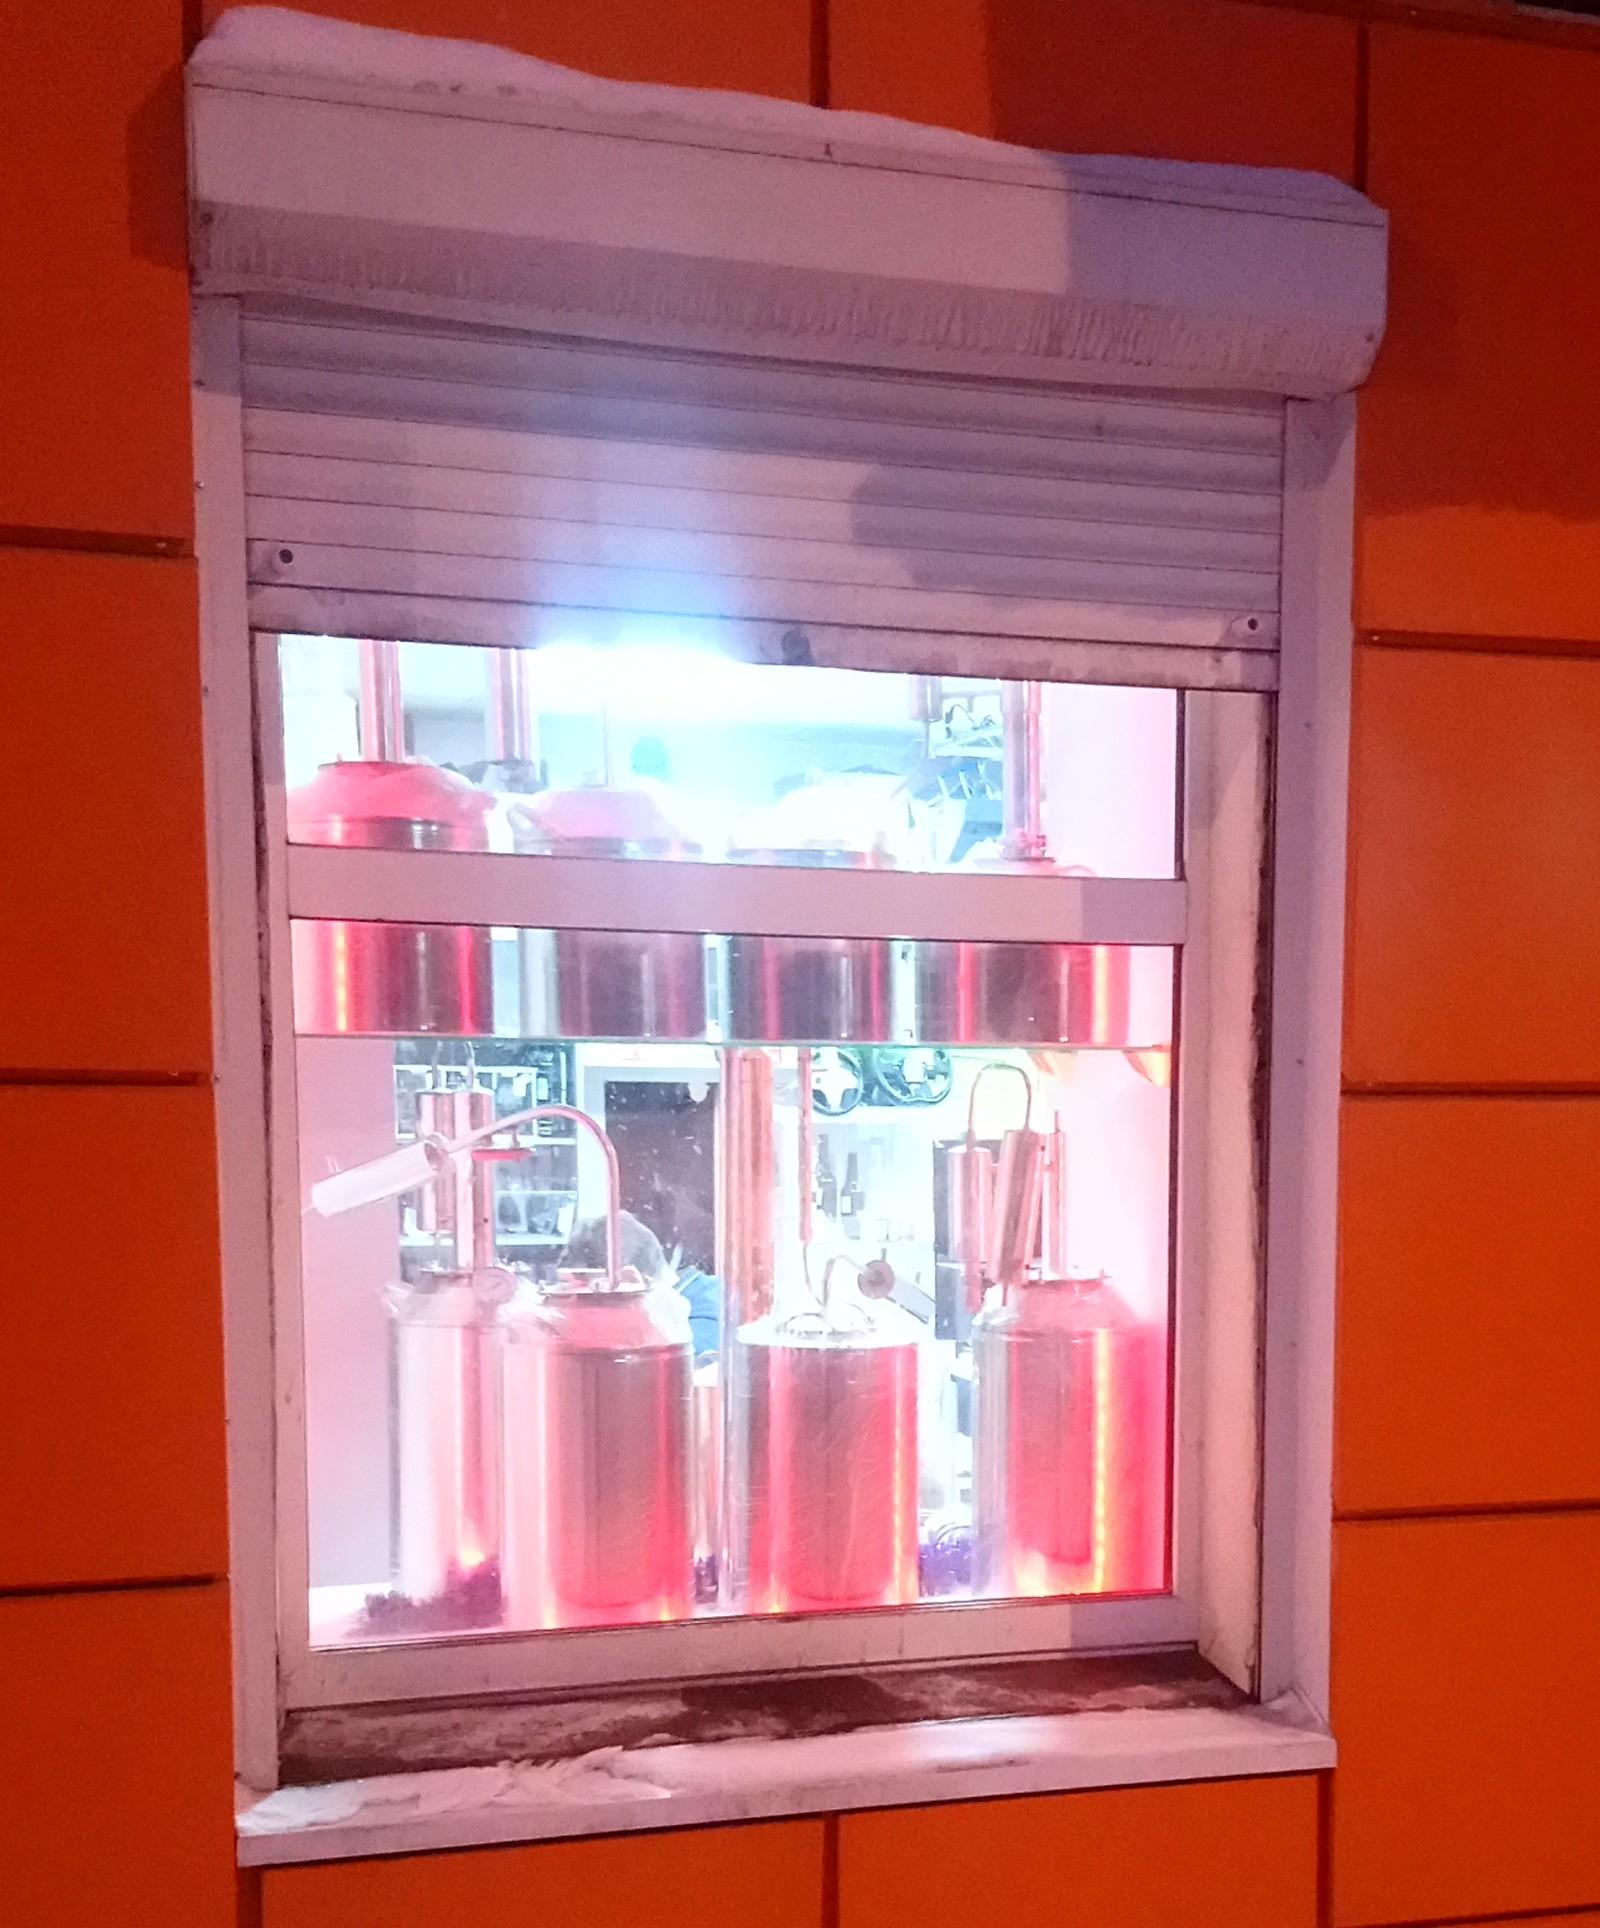 Самогонный аппарат компьютер коптильня горячего копчения дома купить